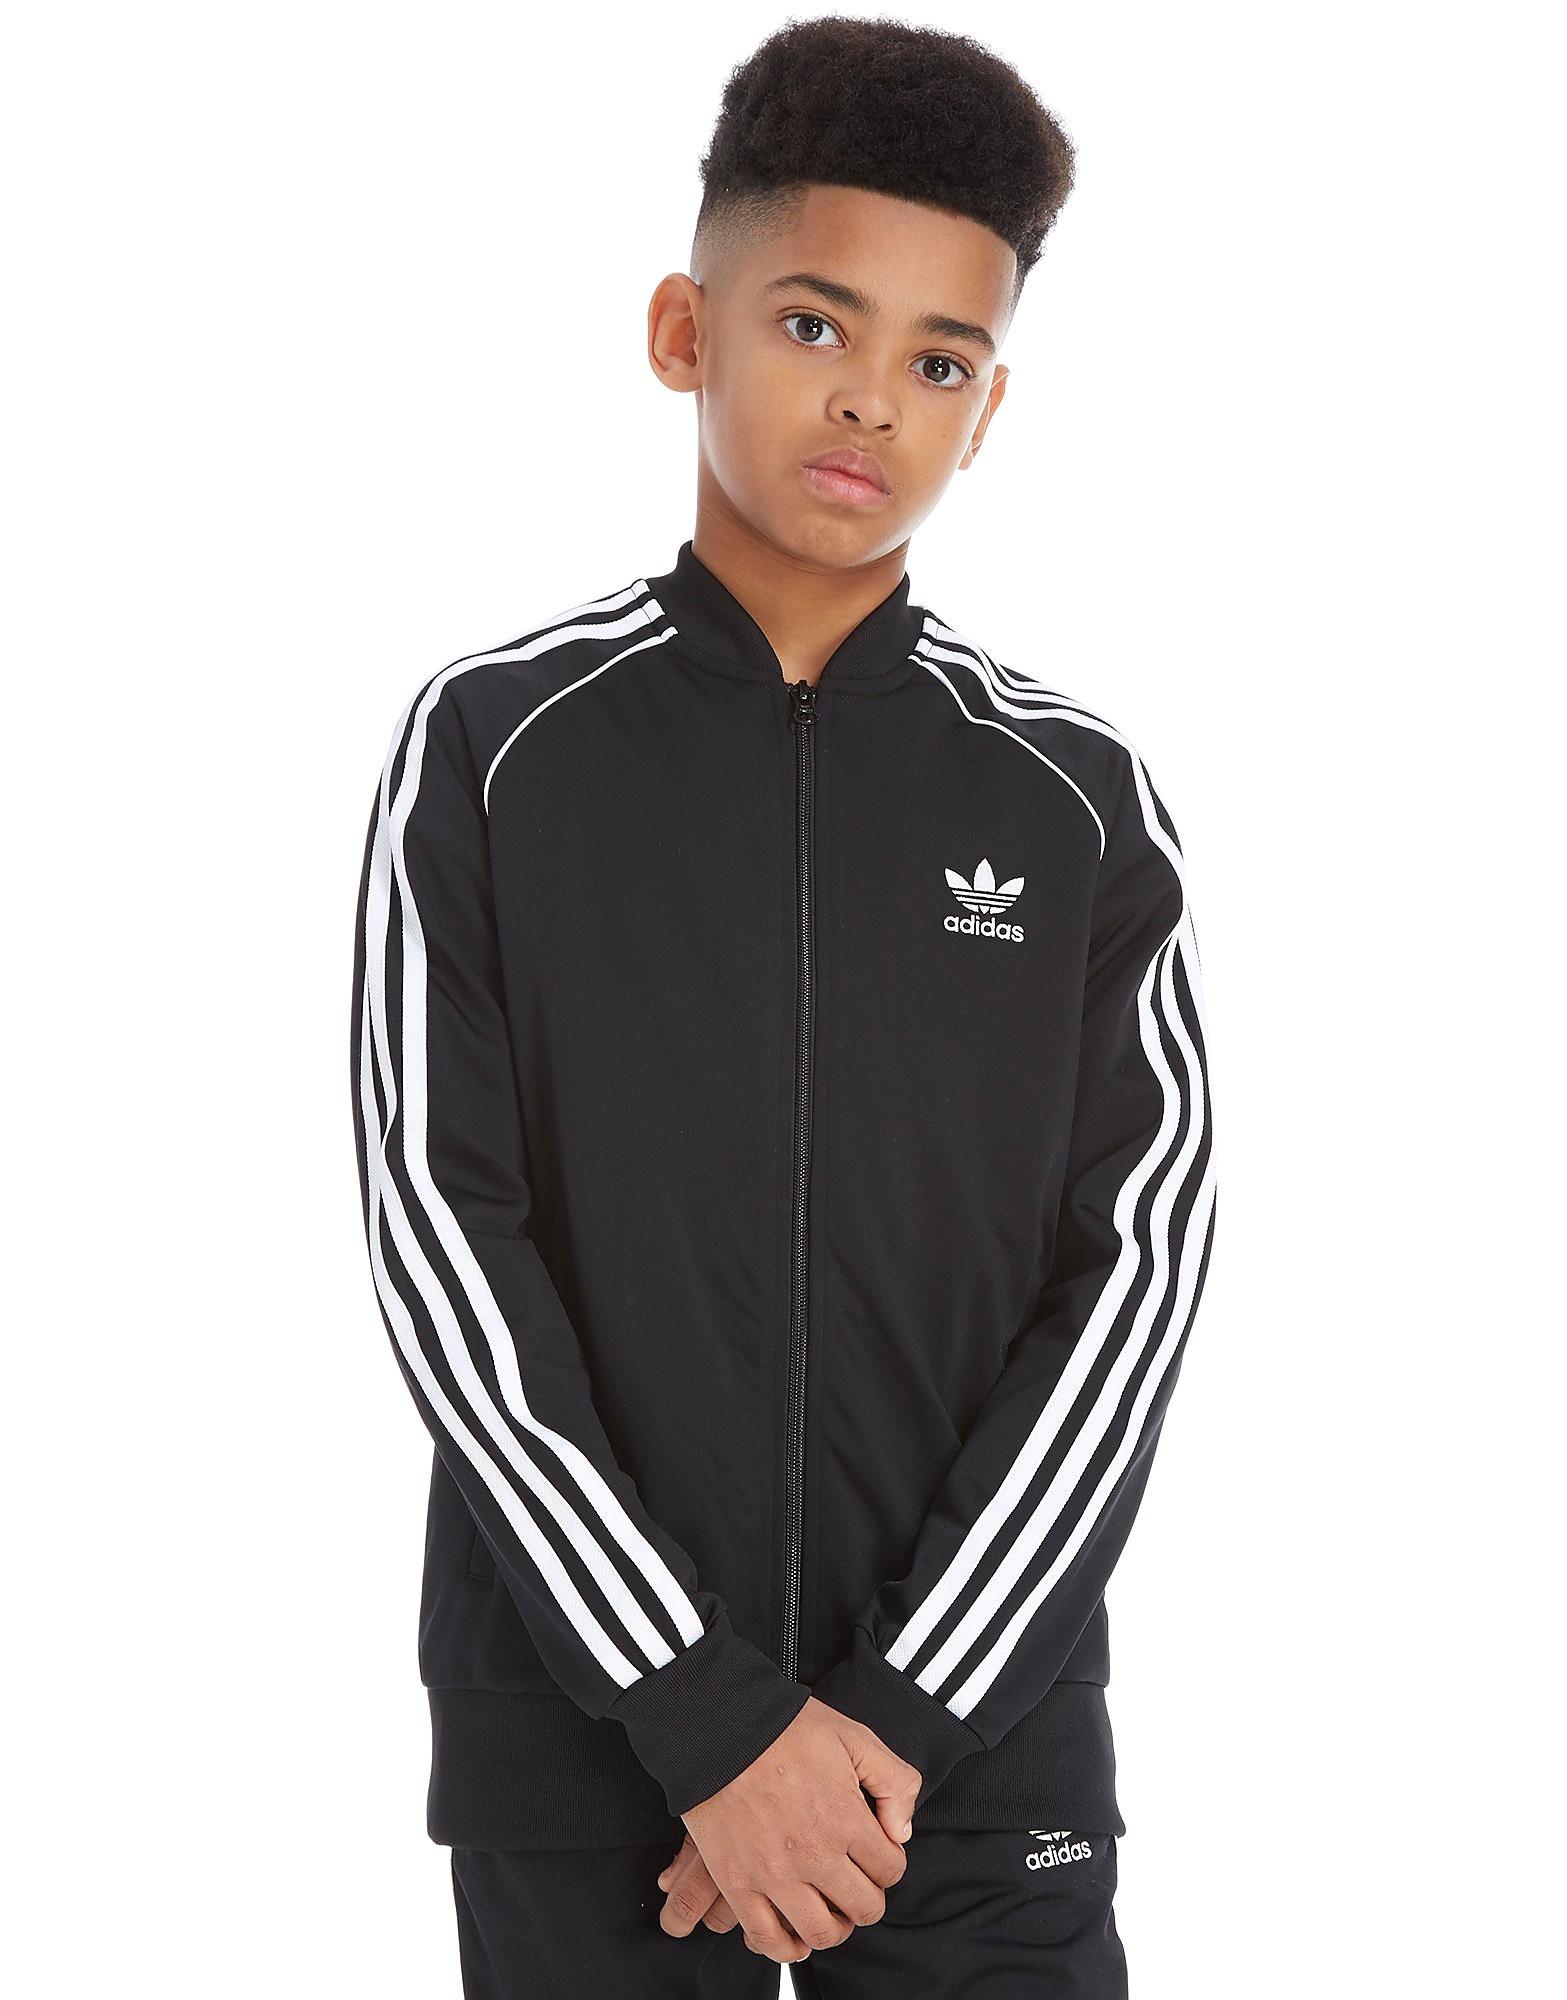 adidas Originals chaqueta de chándal Superstar júnior